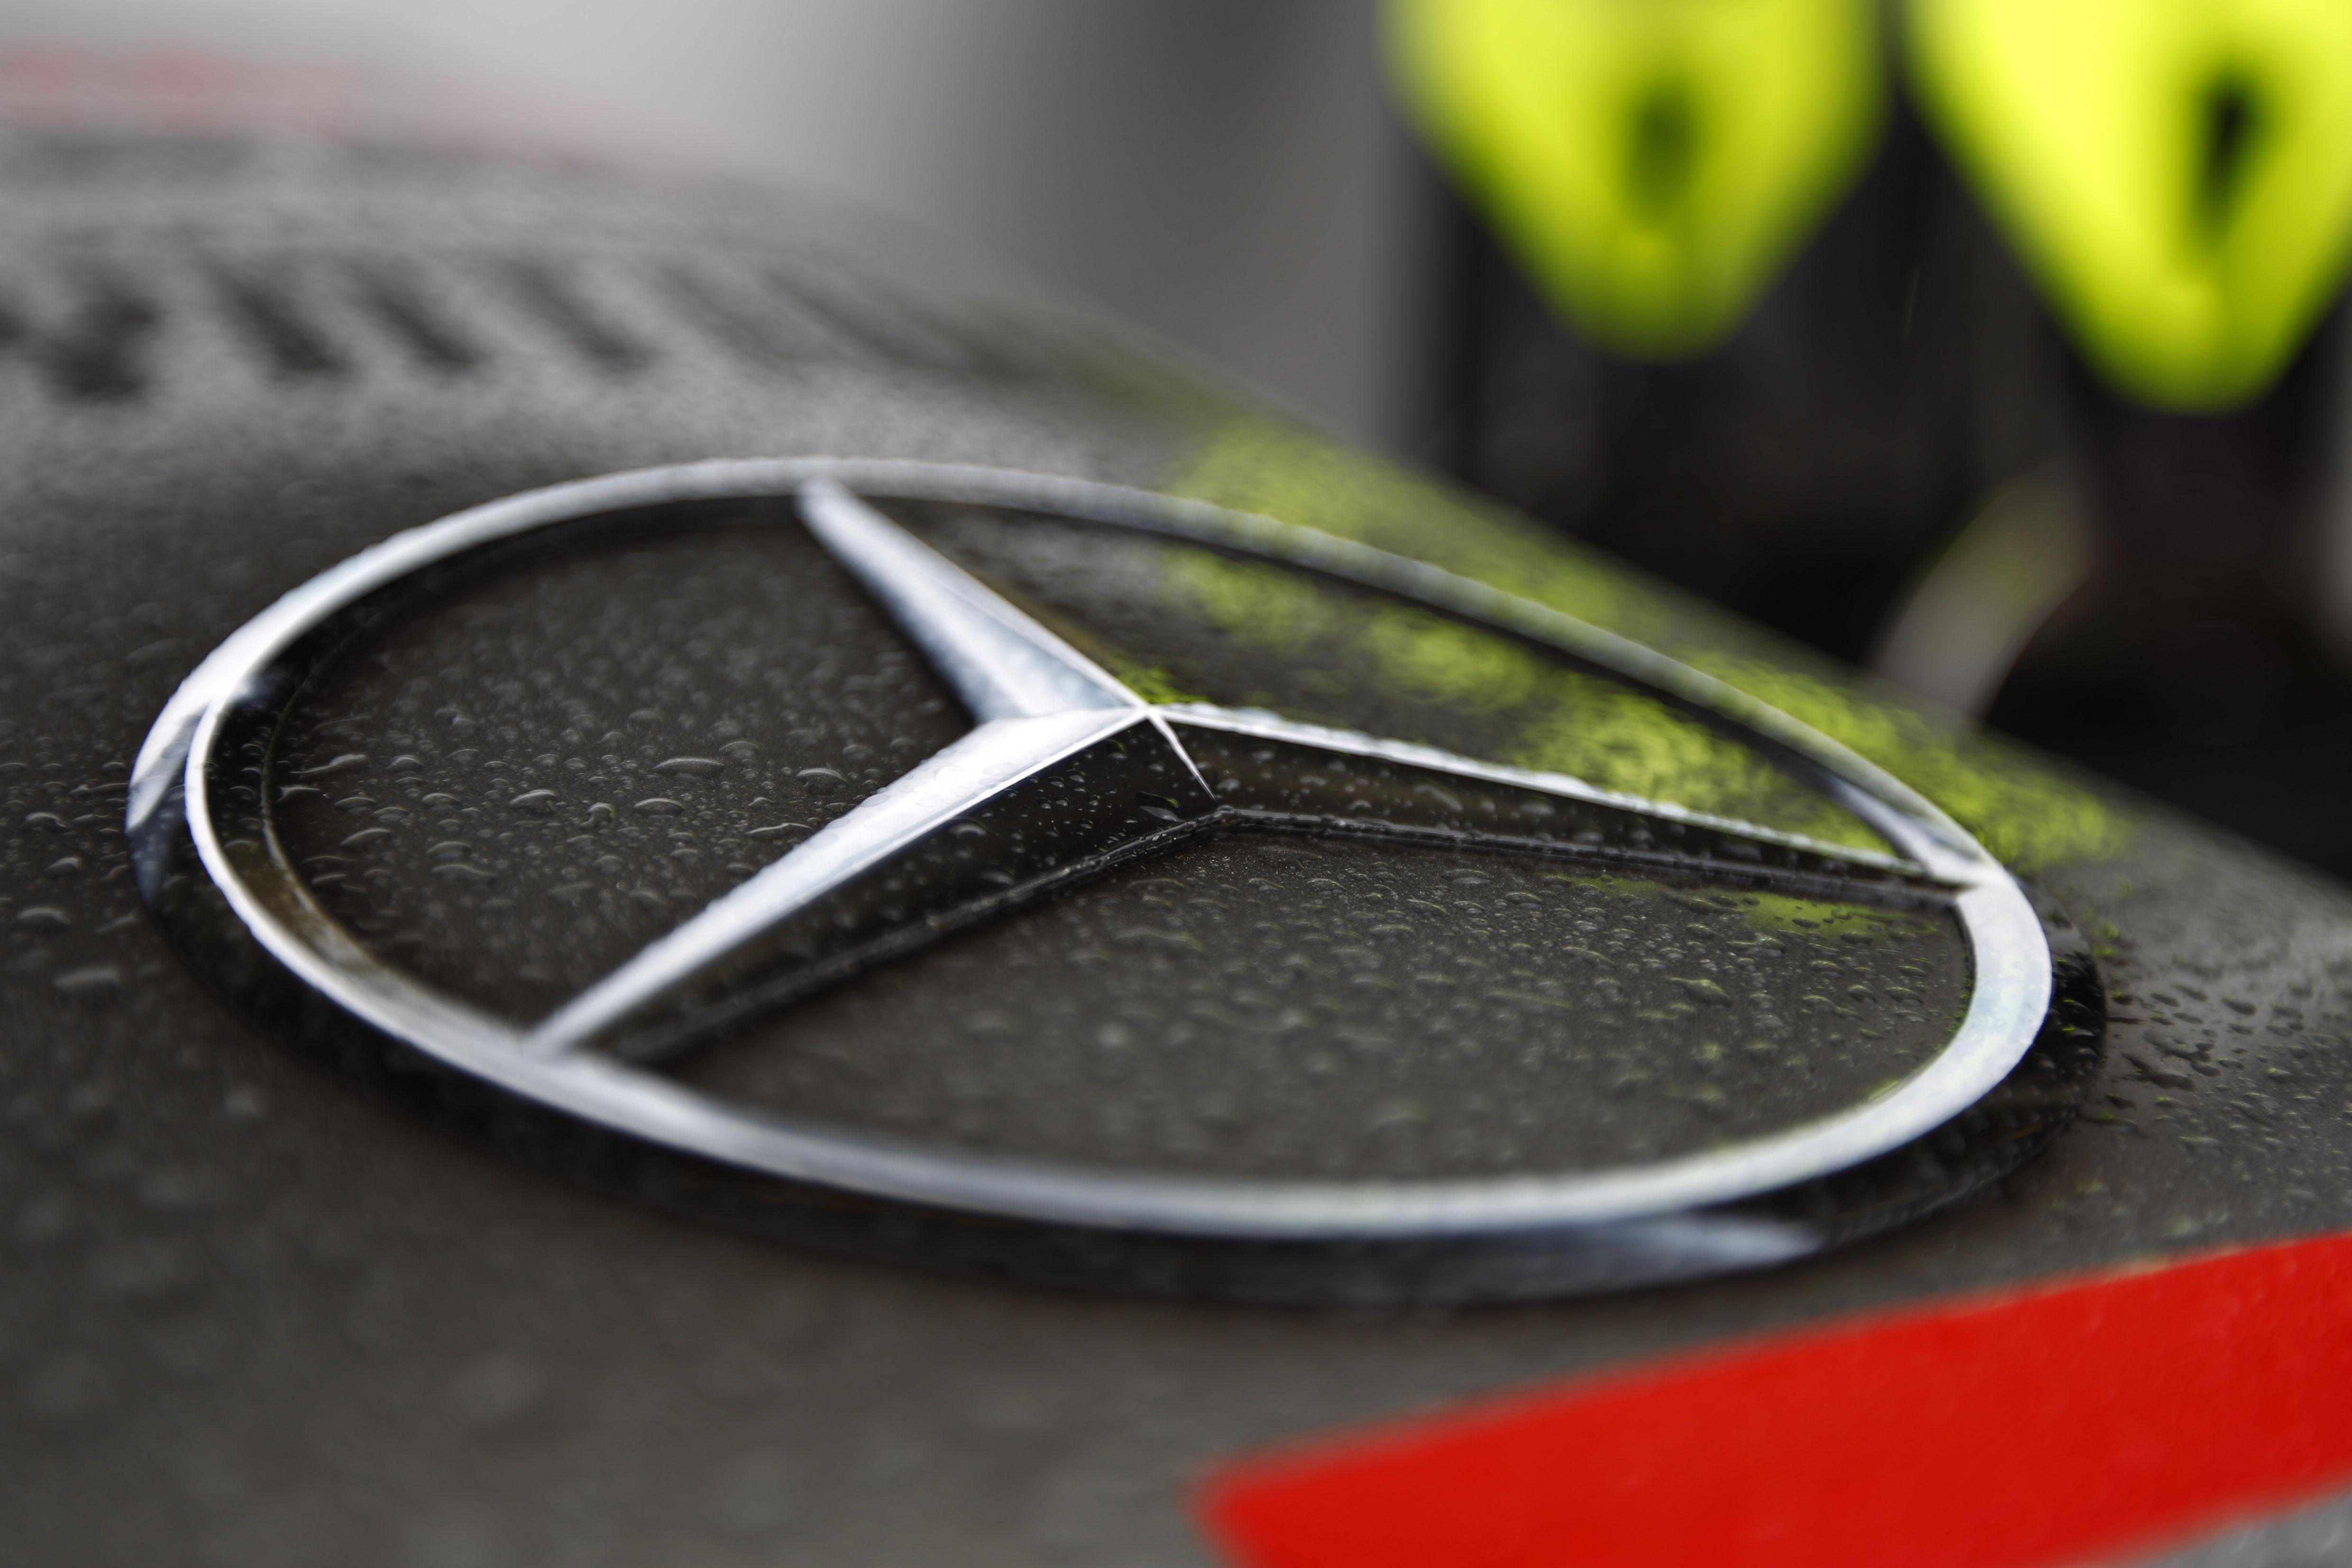 Mercedes - Equipes de F1 - foto by motorsportpress.com